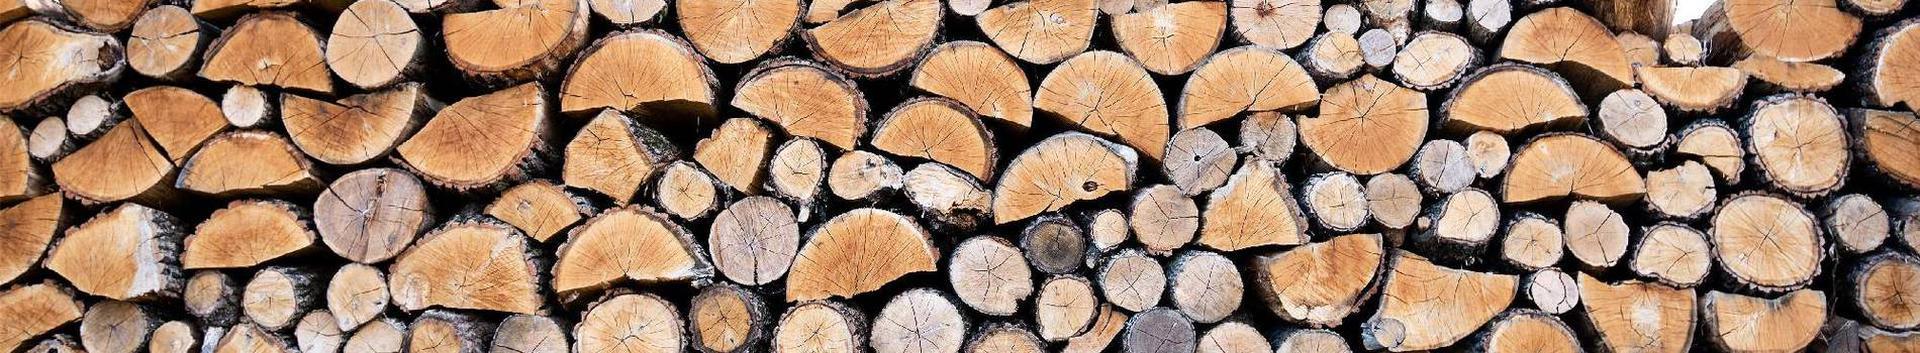 puidu- ja paberitööstus, puidu töötlemine, puidutööstus, saeveskid